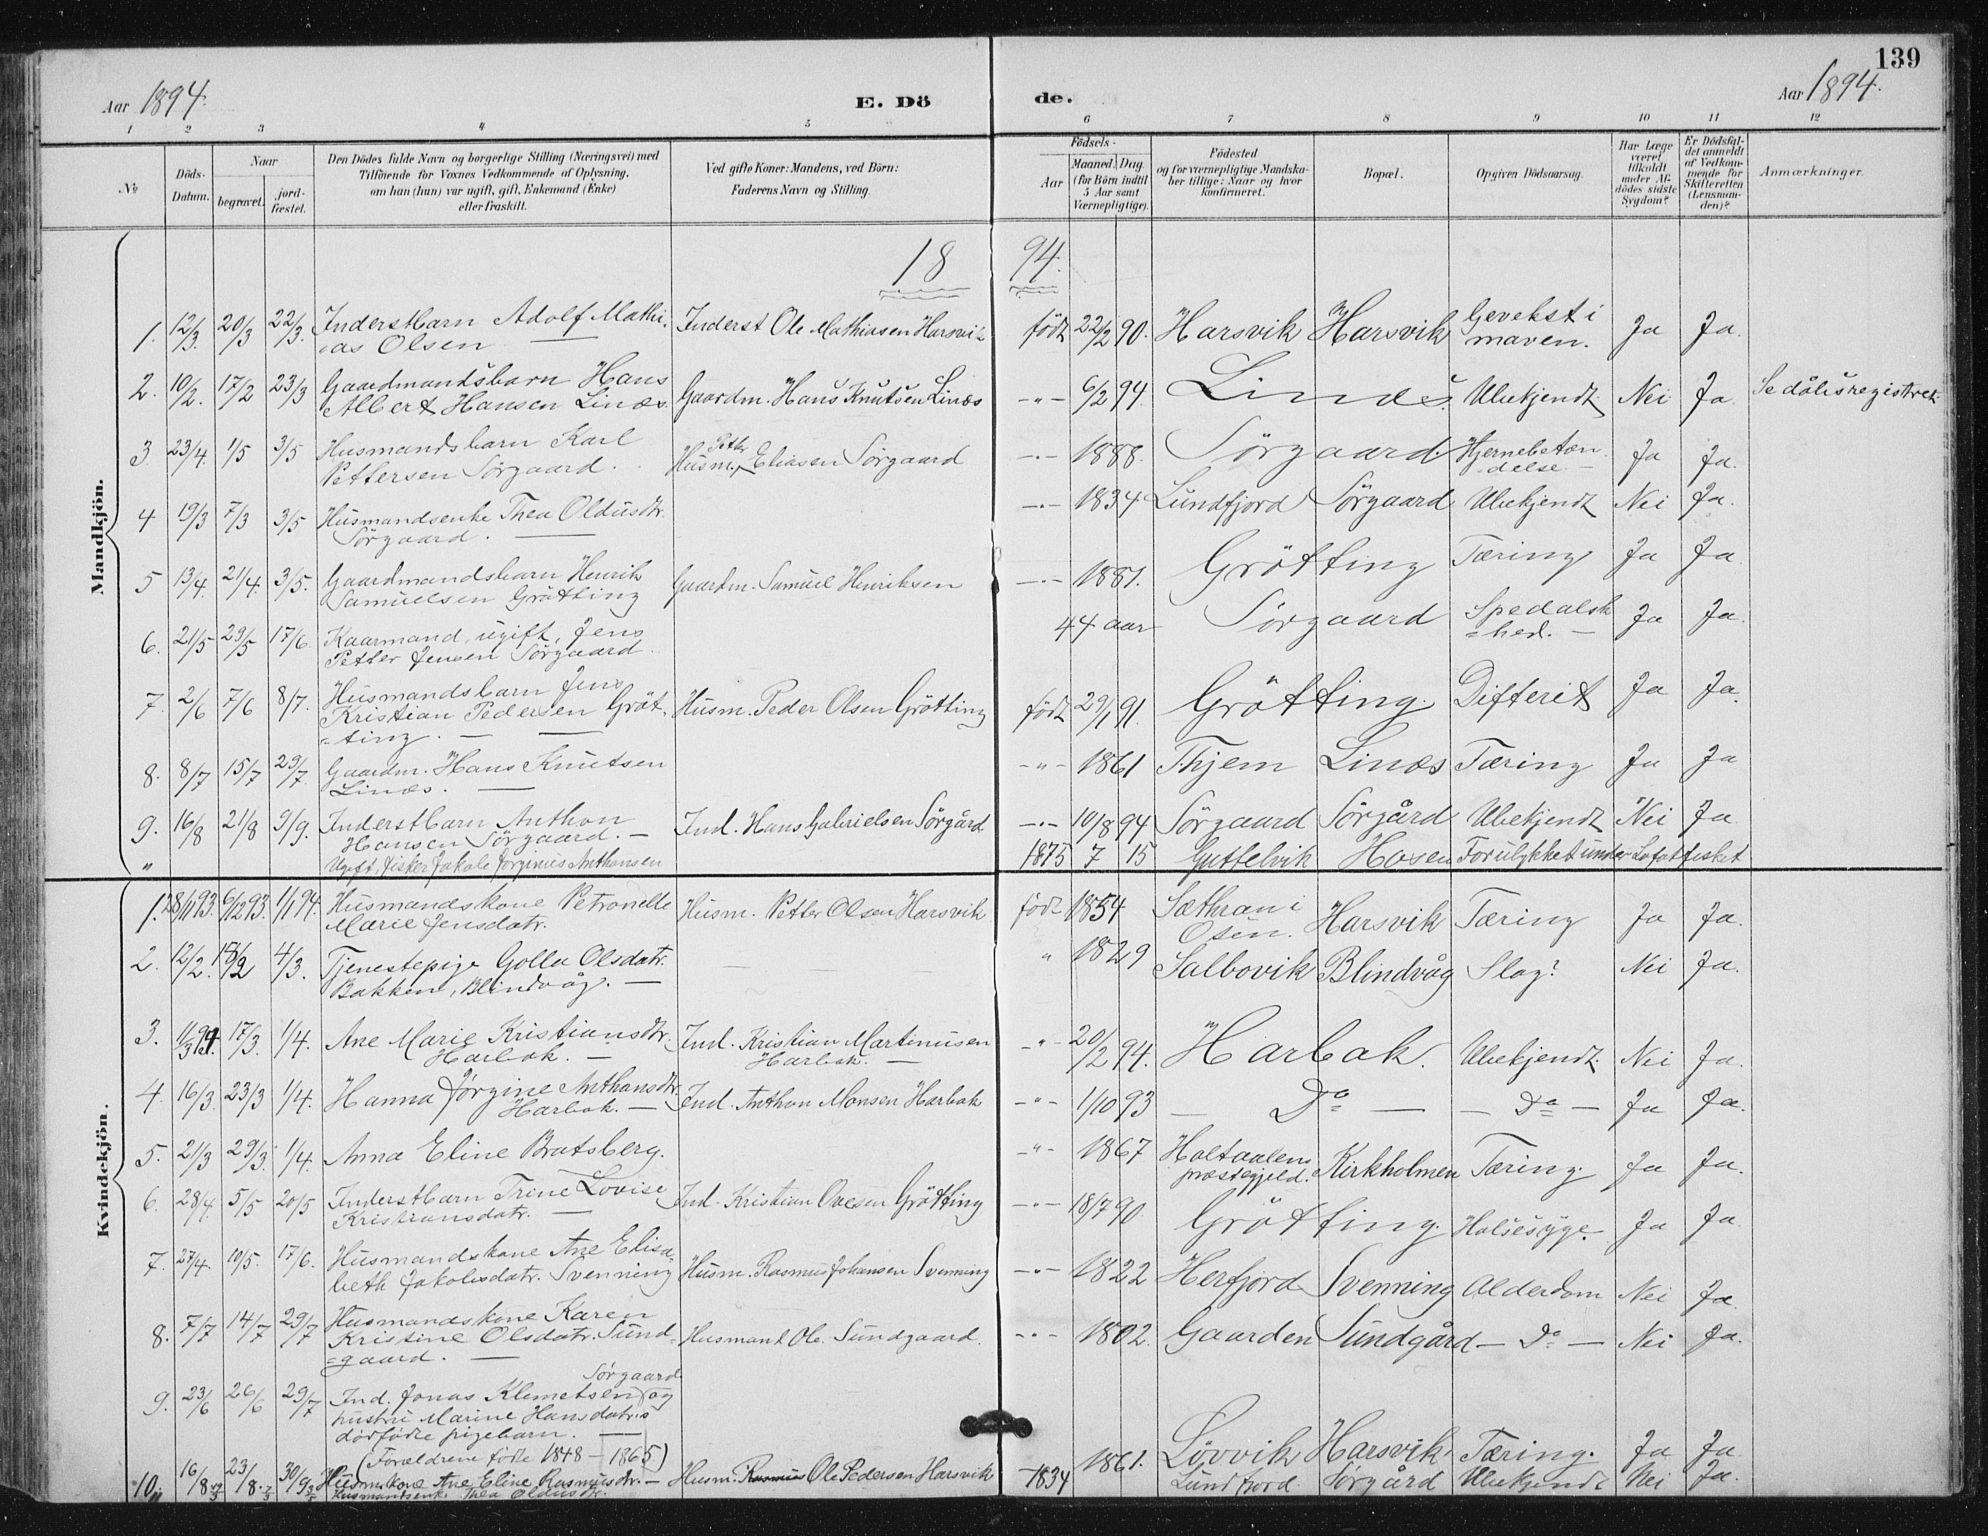 SAT, Ministerialprotokoller, klokkerbøker og fødselsregistre - Sør-Trøndelag, 656/L0698: Klokkerbok nr. 656C04, 1890-1904, s. 139